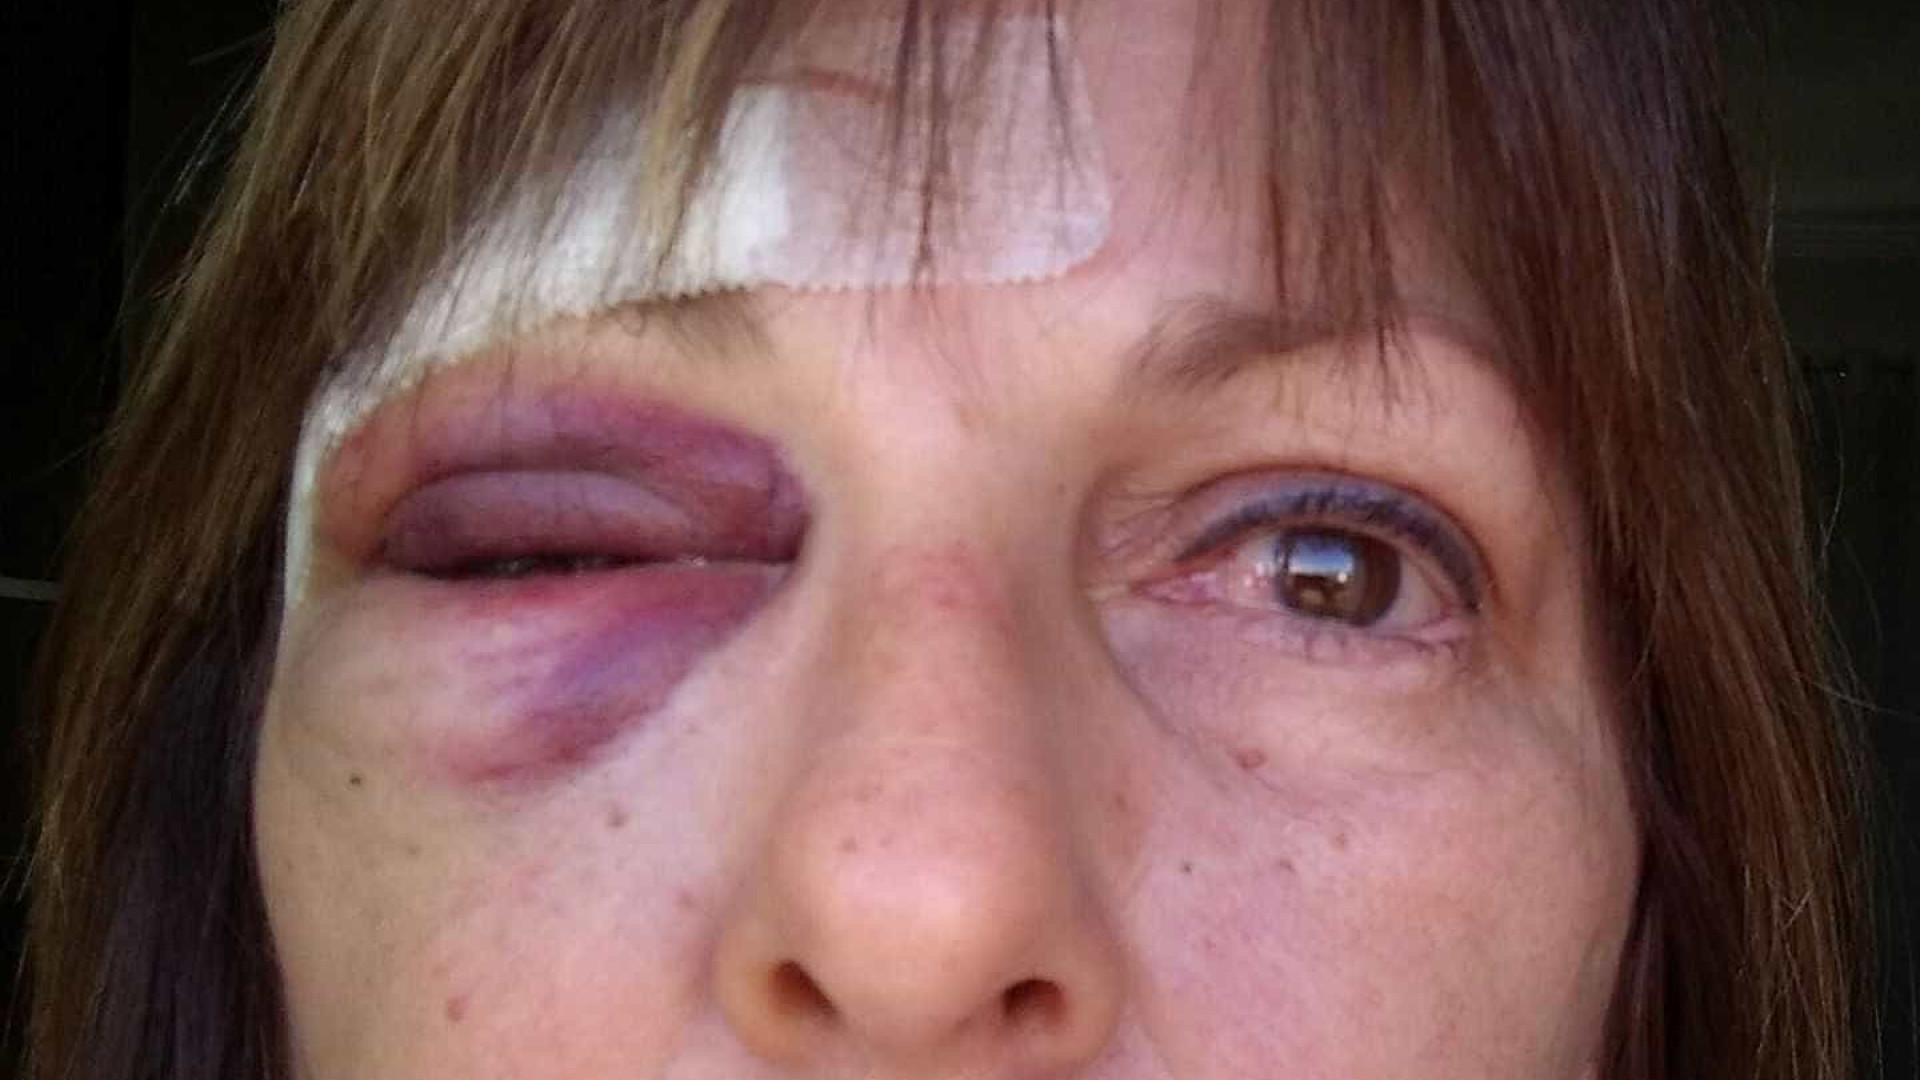 Professora agredida por aluno é hostilizada: 'não vão me calar'